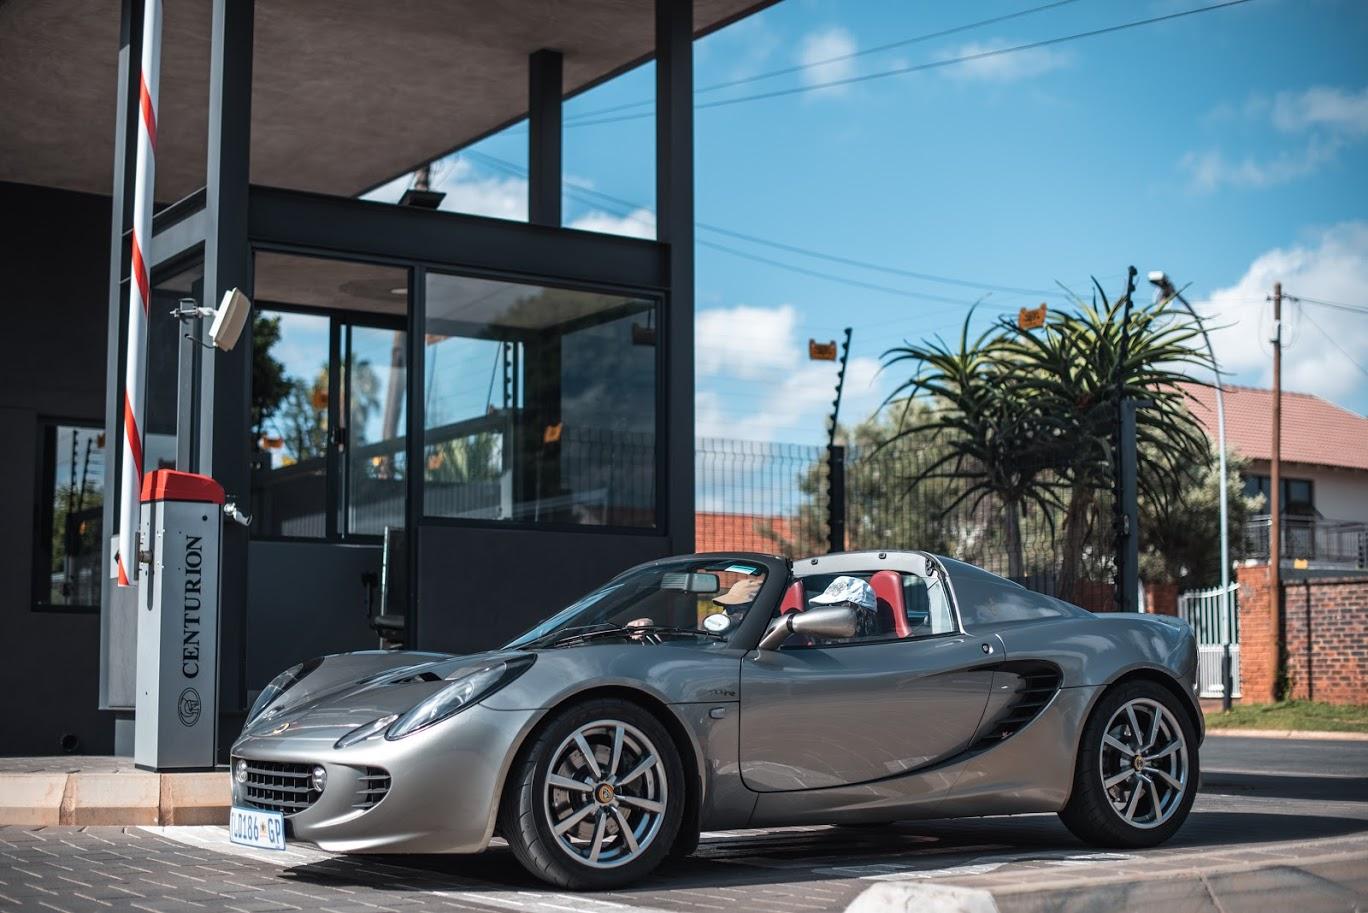 2005 Lotus Elise R